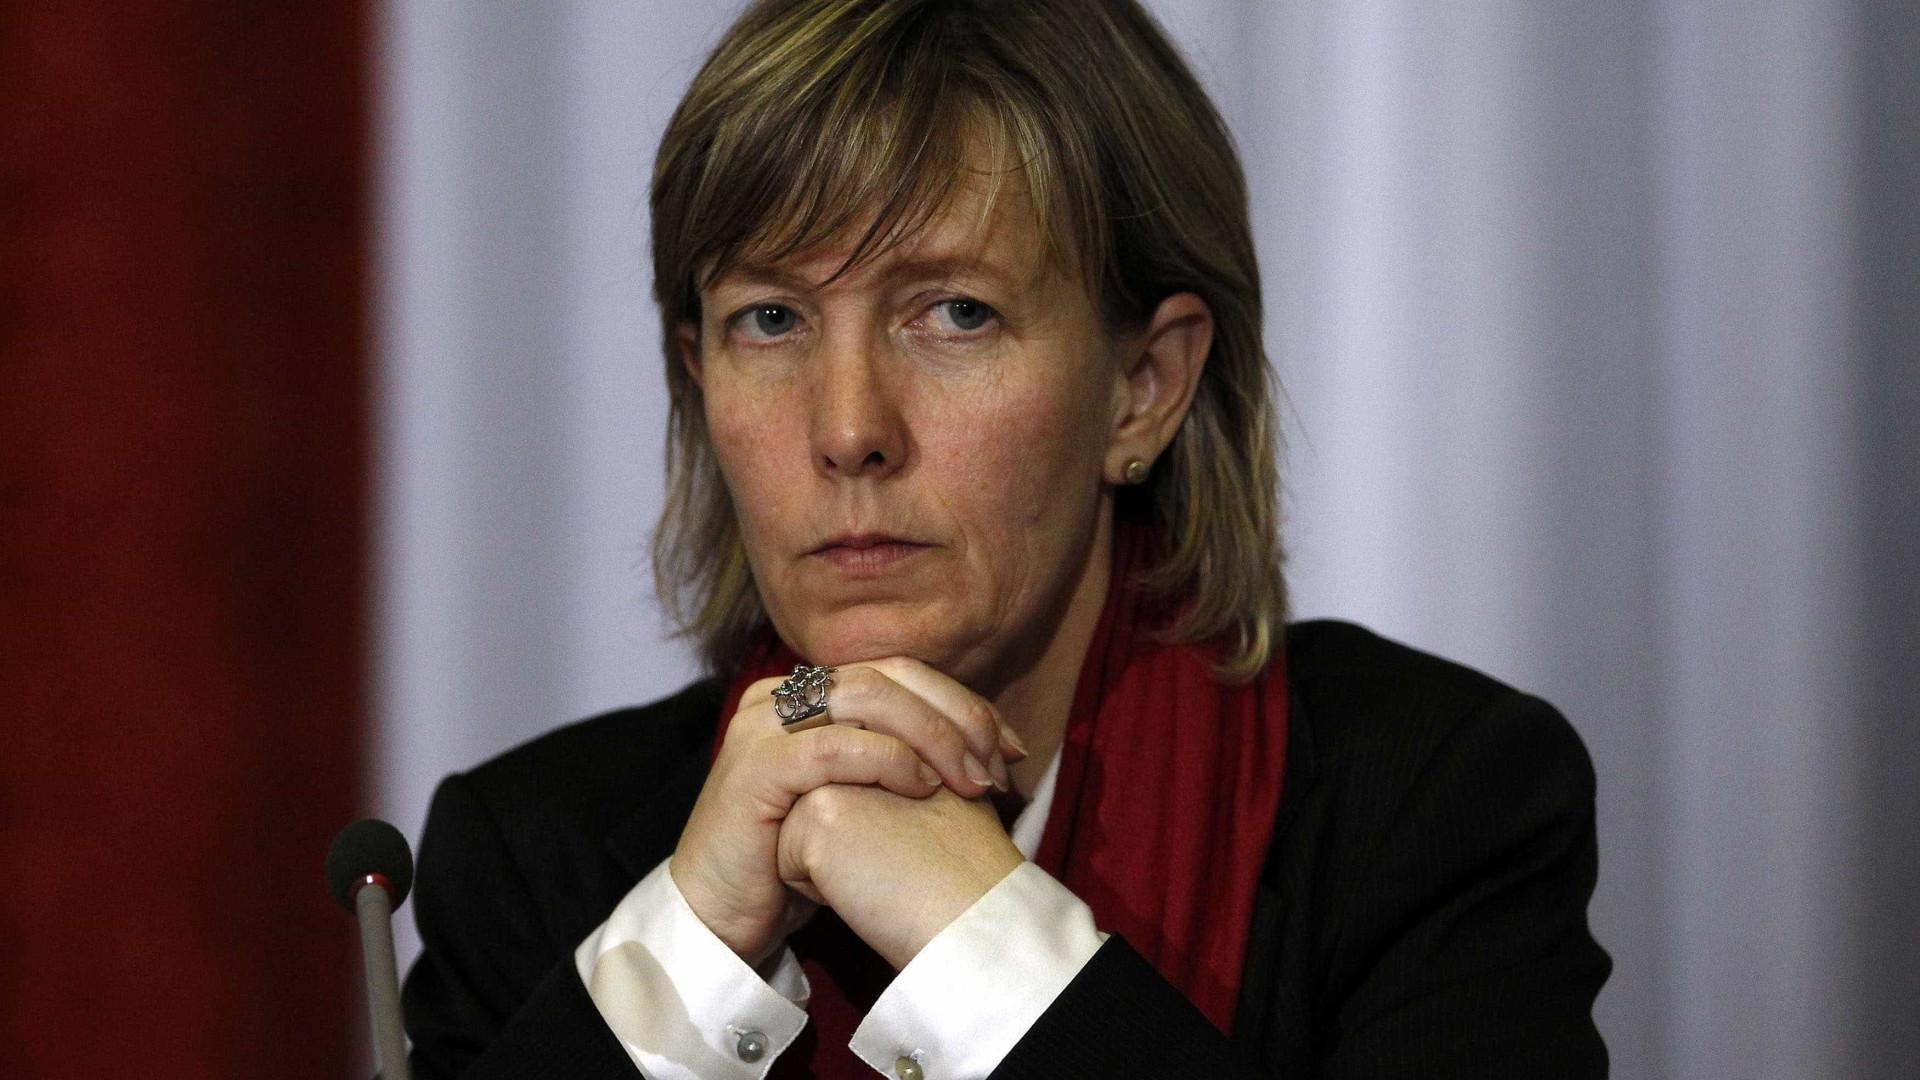 PSD reitera necessidade de comissão técnica independente